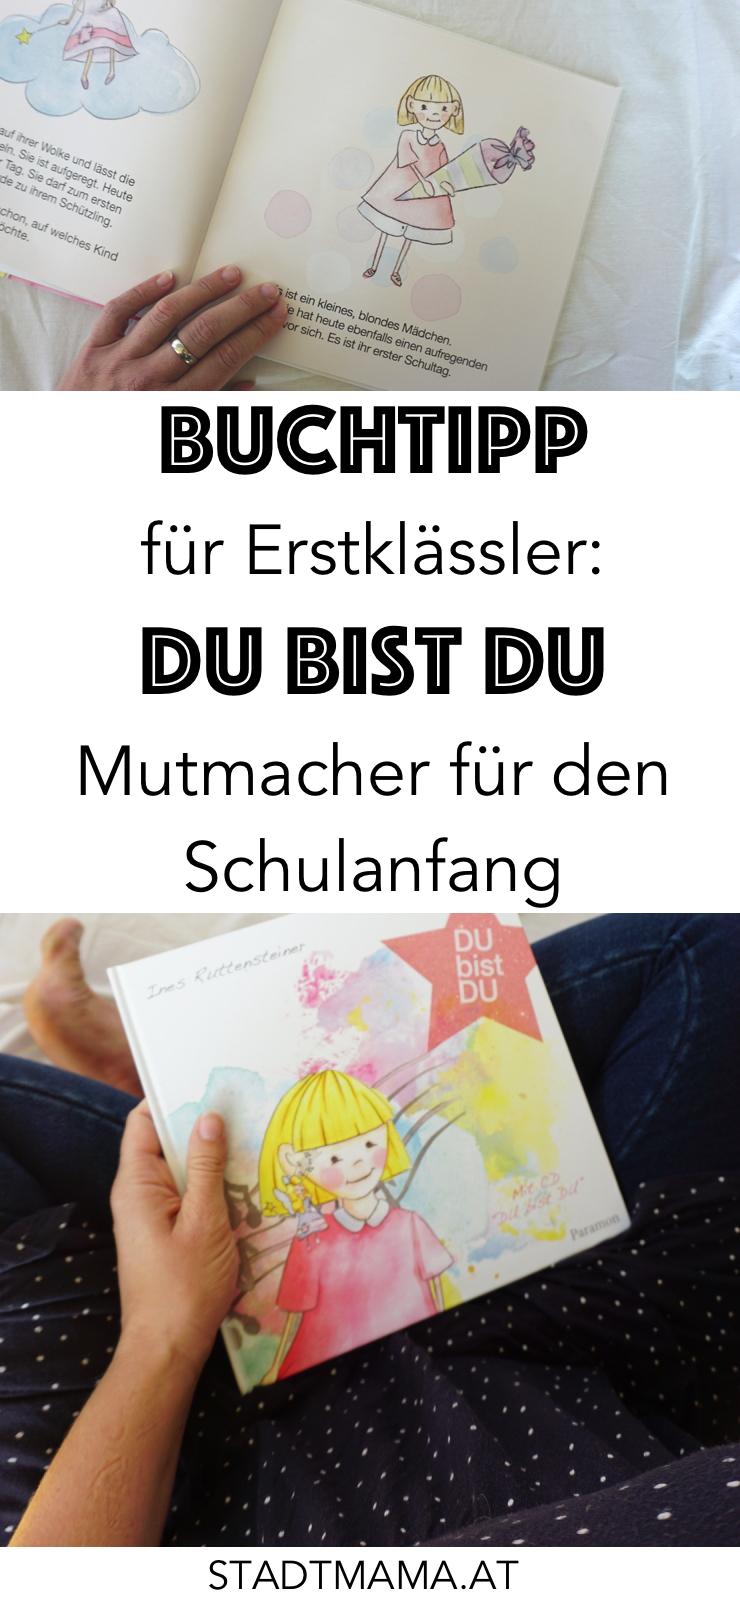 Buchtipp für Kinder: Du bist DU. EIn Mutmacher-Buch für Erstklässler und Volkschulkinder. (Werbung/Verlosung)